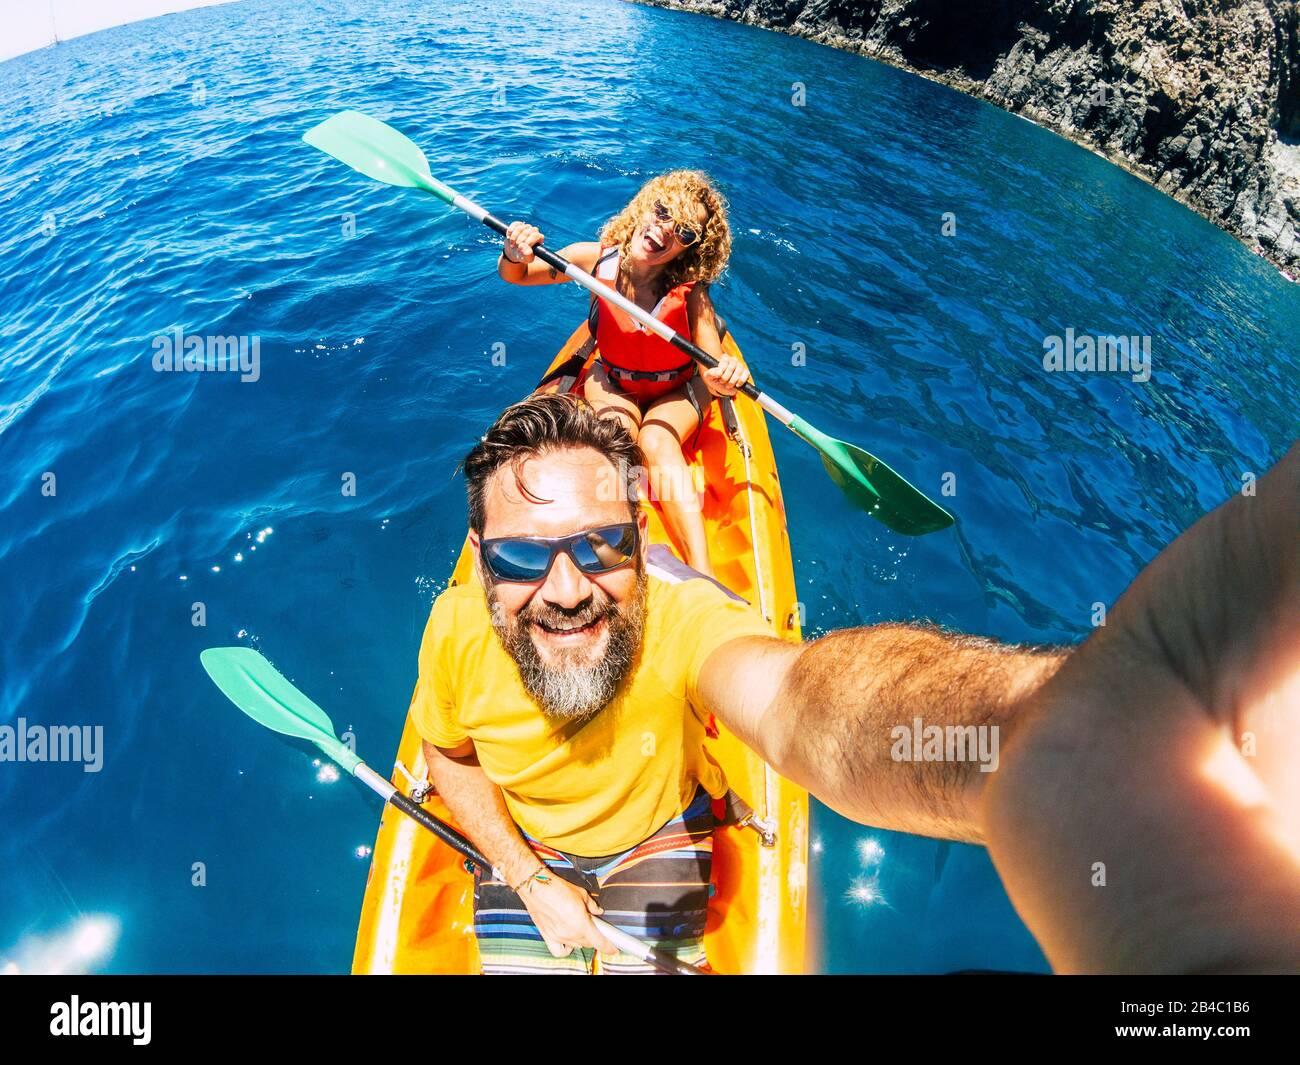 Pareja selfie con el punto de vista vertical superior - feliz activo adulto gente disfrutar kayak en el océano - turista de verano en vacaciones estilo de vida - cámara de acción y hombre y mujer alegre Foto de stock